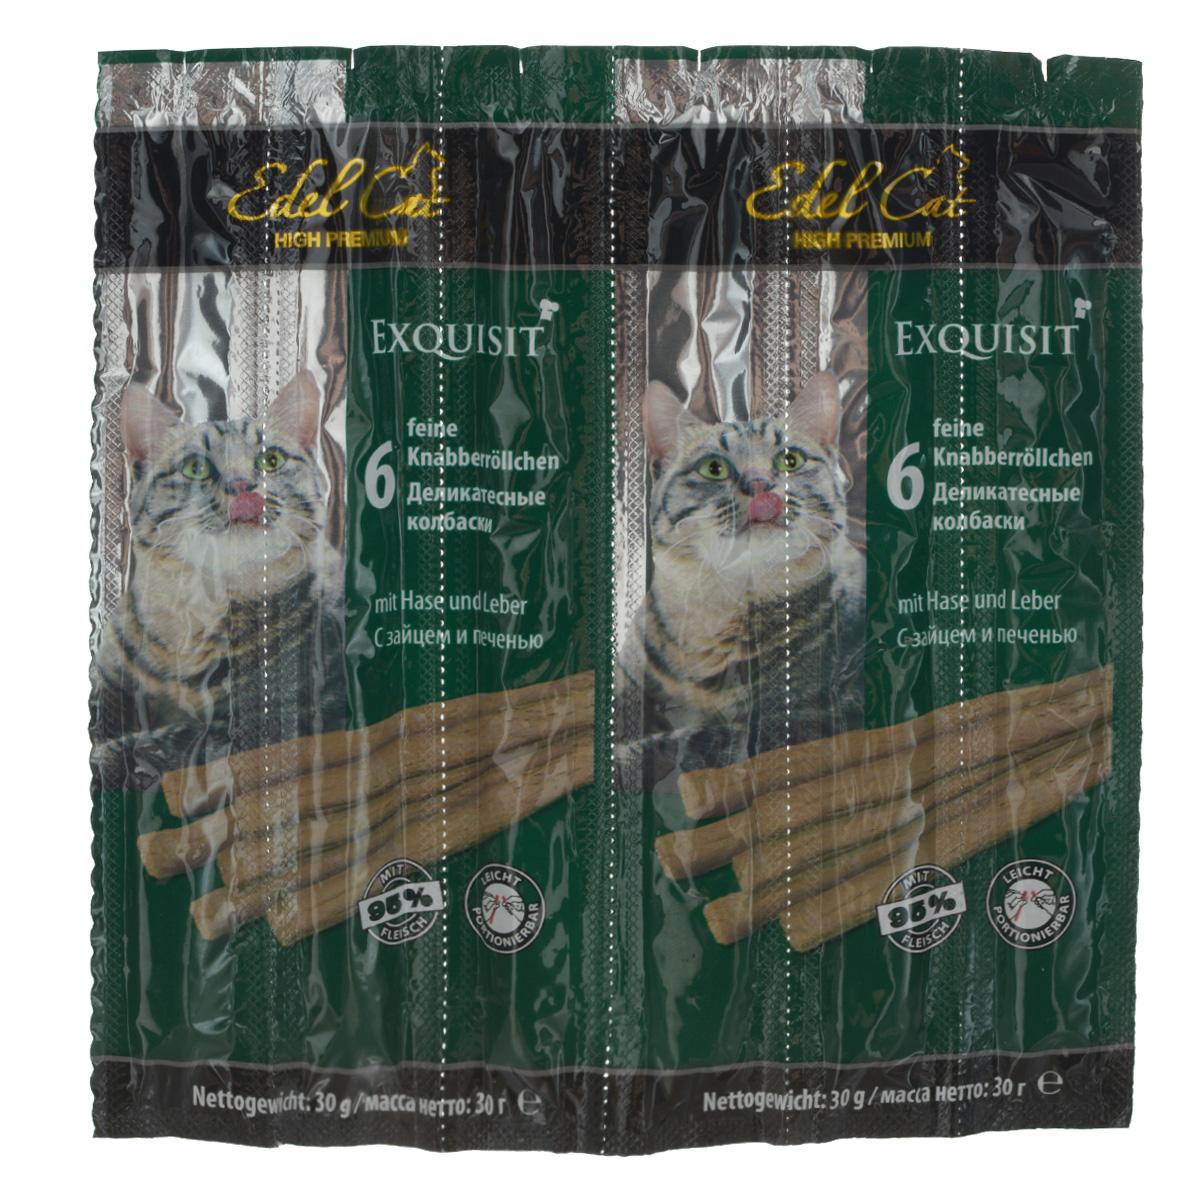 Колбаски жевательные для кошек Edel Cat, с зайцем и печенью, 30 г, 6 шт12823Жевательные колбаски Edel Cat используются в качестве лакомства и как дополнение к основному корму кошки старше 8 месяцев. На 95% состоят из свежего мяса с добавлением витаминно-минерального комплекса. Специальные рисочки на колбаске облегчат ее ломание. Противопоказано котятам, моложе восьми месяцев, кошкам с лишним весом, с сахарным диабетом, с заболеваниями почек или печени. Состав: мясо и мясопродукты (95%, в т.ч. 6% заяц, 6% печень), минеральные вещества. Технологические добавки: антиоксиданты,консерванты. Аналитический состав: сырой протеин 33,5%, влажность 28%, сырой жир 20%,сырая зола 10%, сырая клетчатка 2%. Вес: 30 г. Товар сертифицирован.